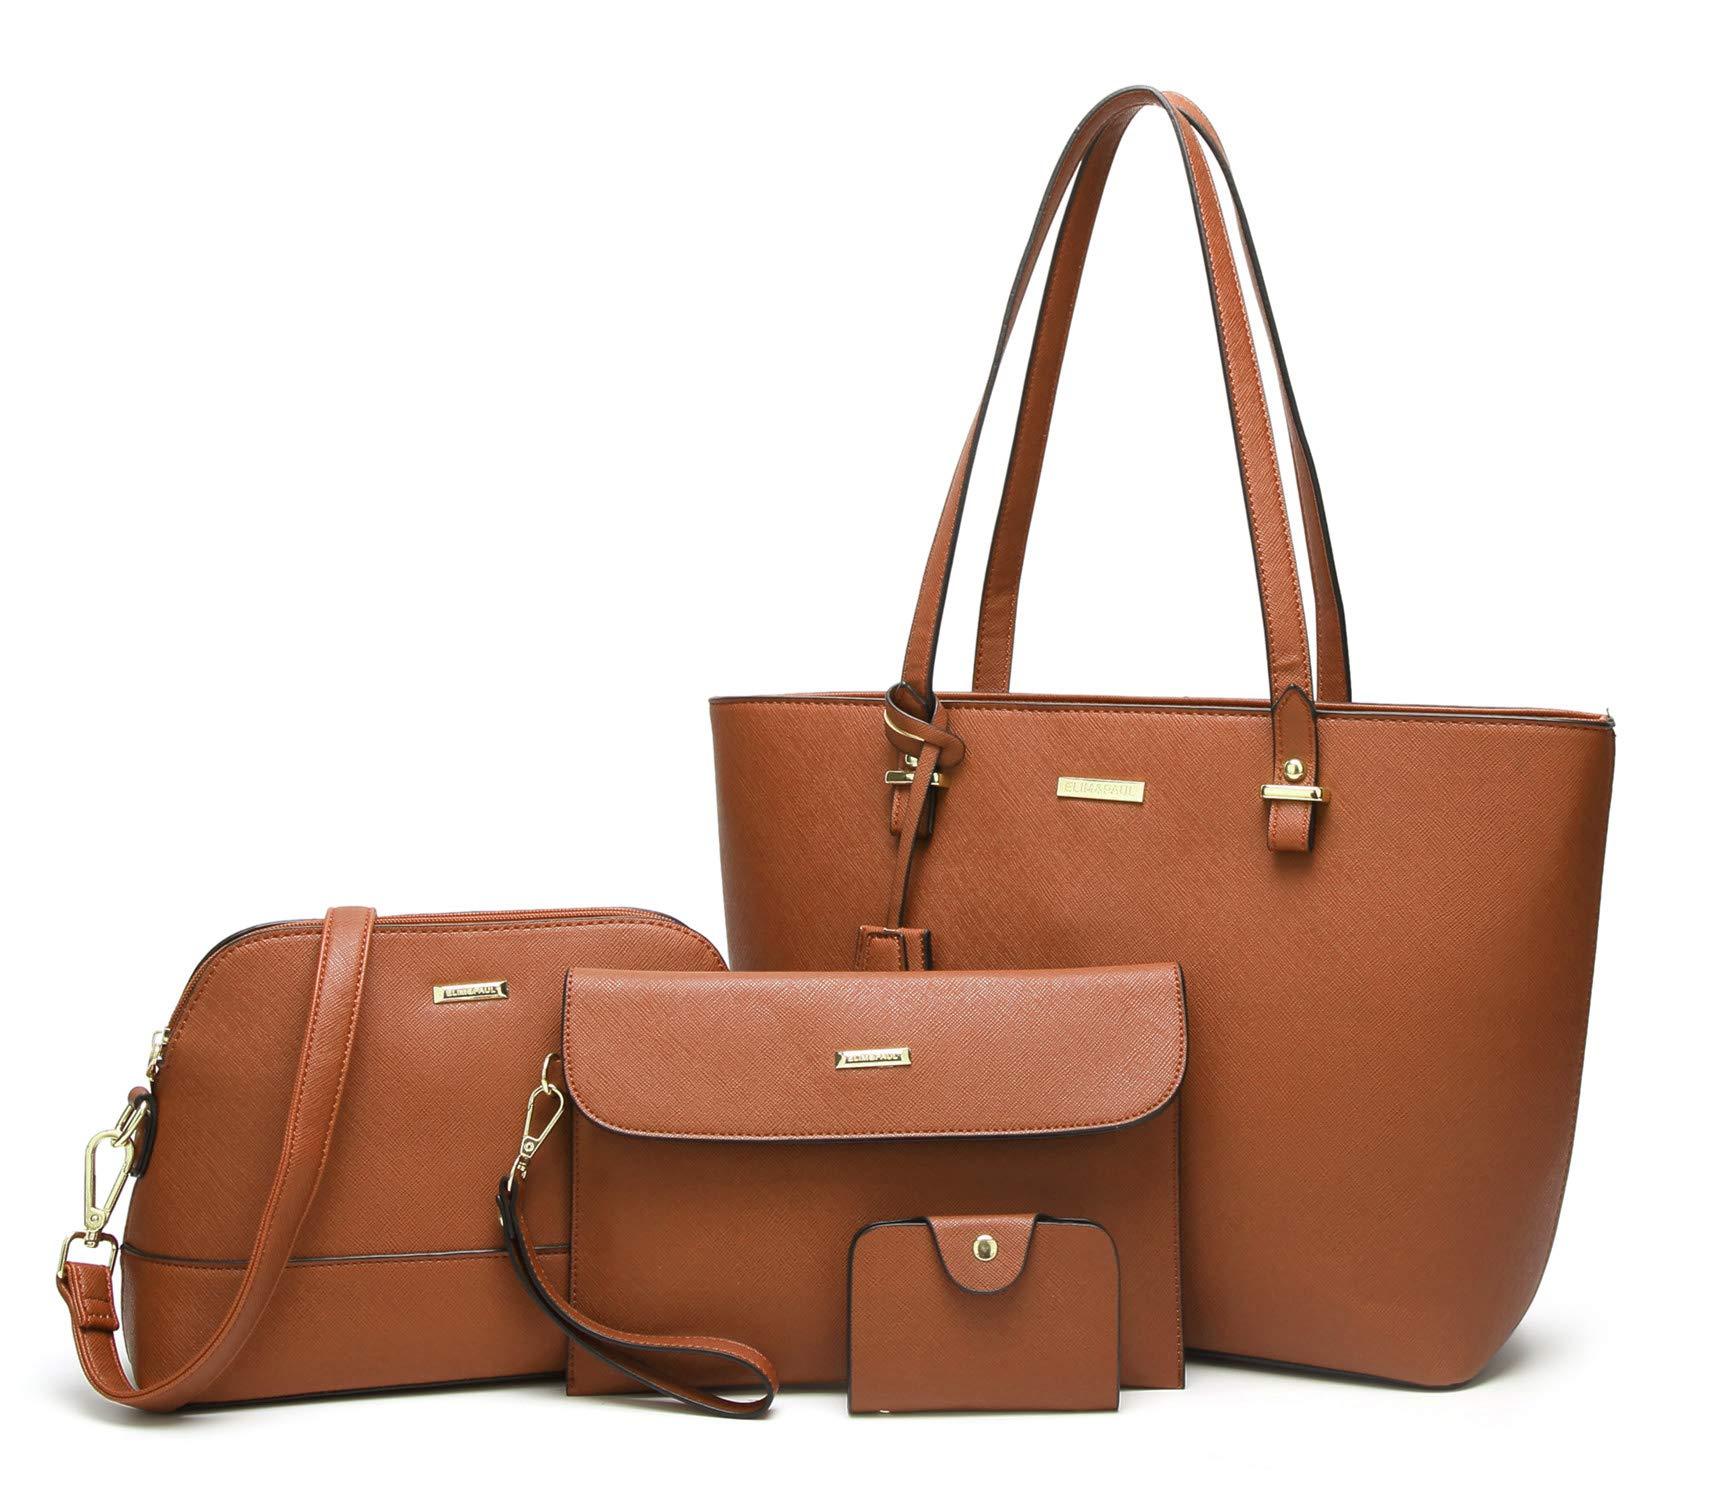 ELIMPAUL Women Fashion Handbags Tote Bag Shoulder Bag Top Handle Satchel Purse Set 4pcs (brown)